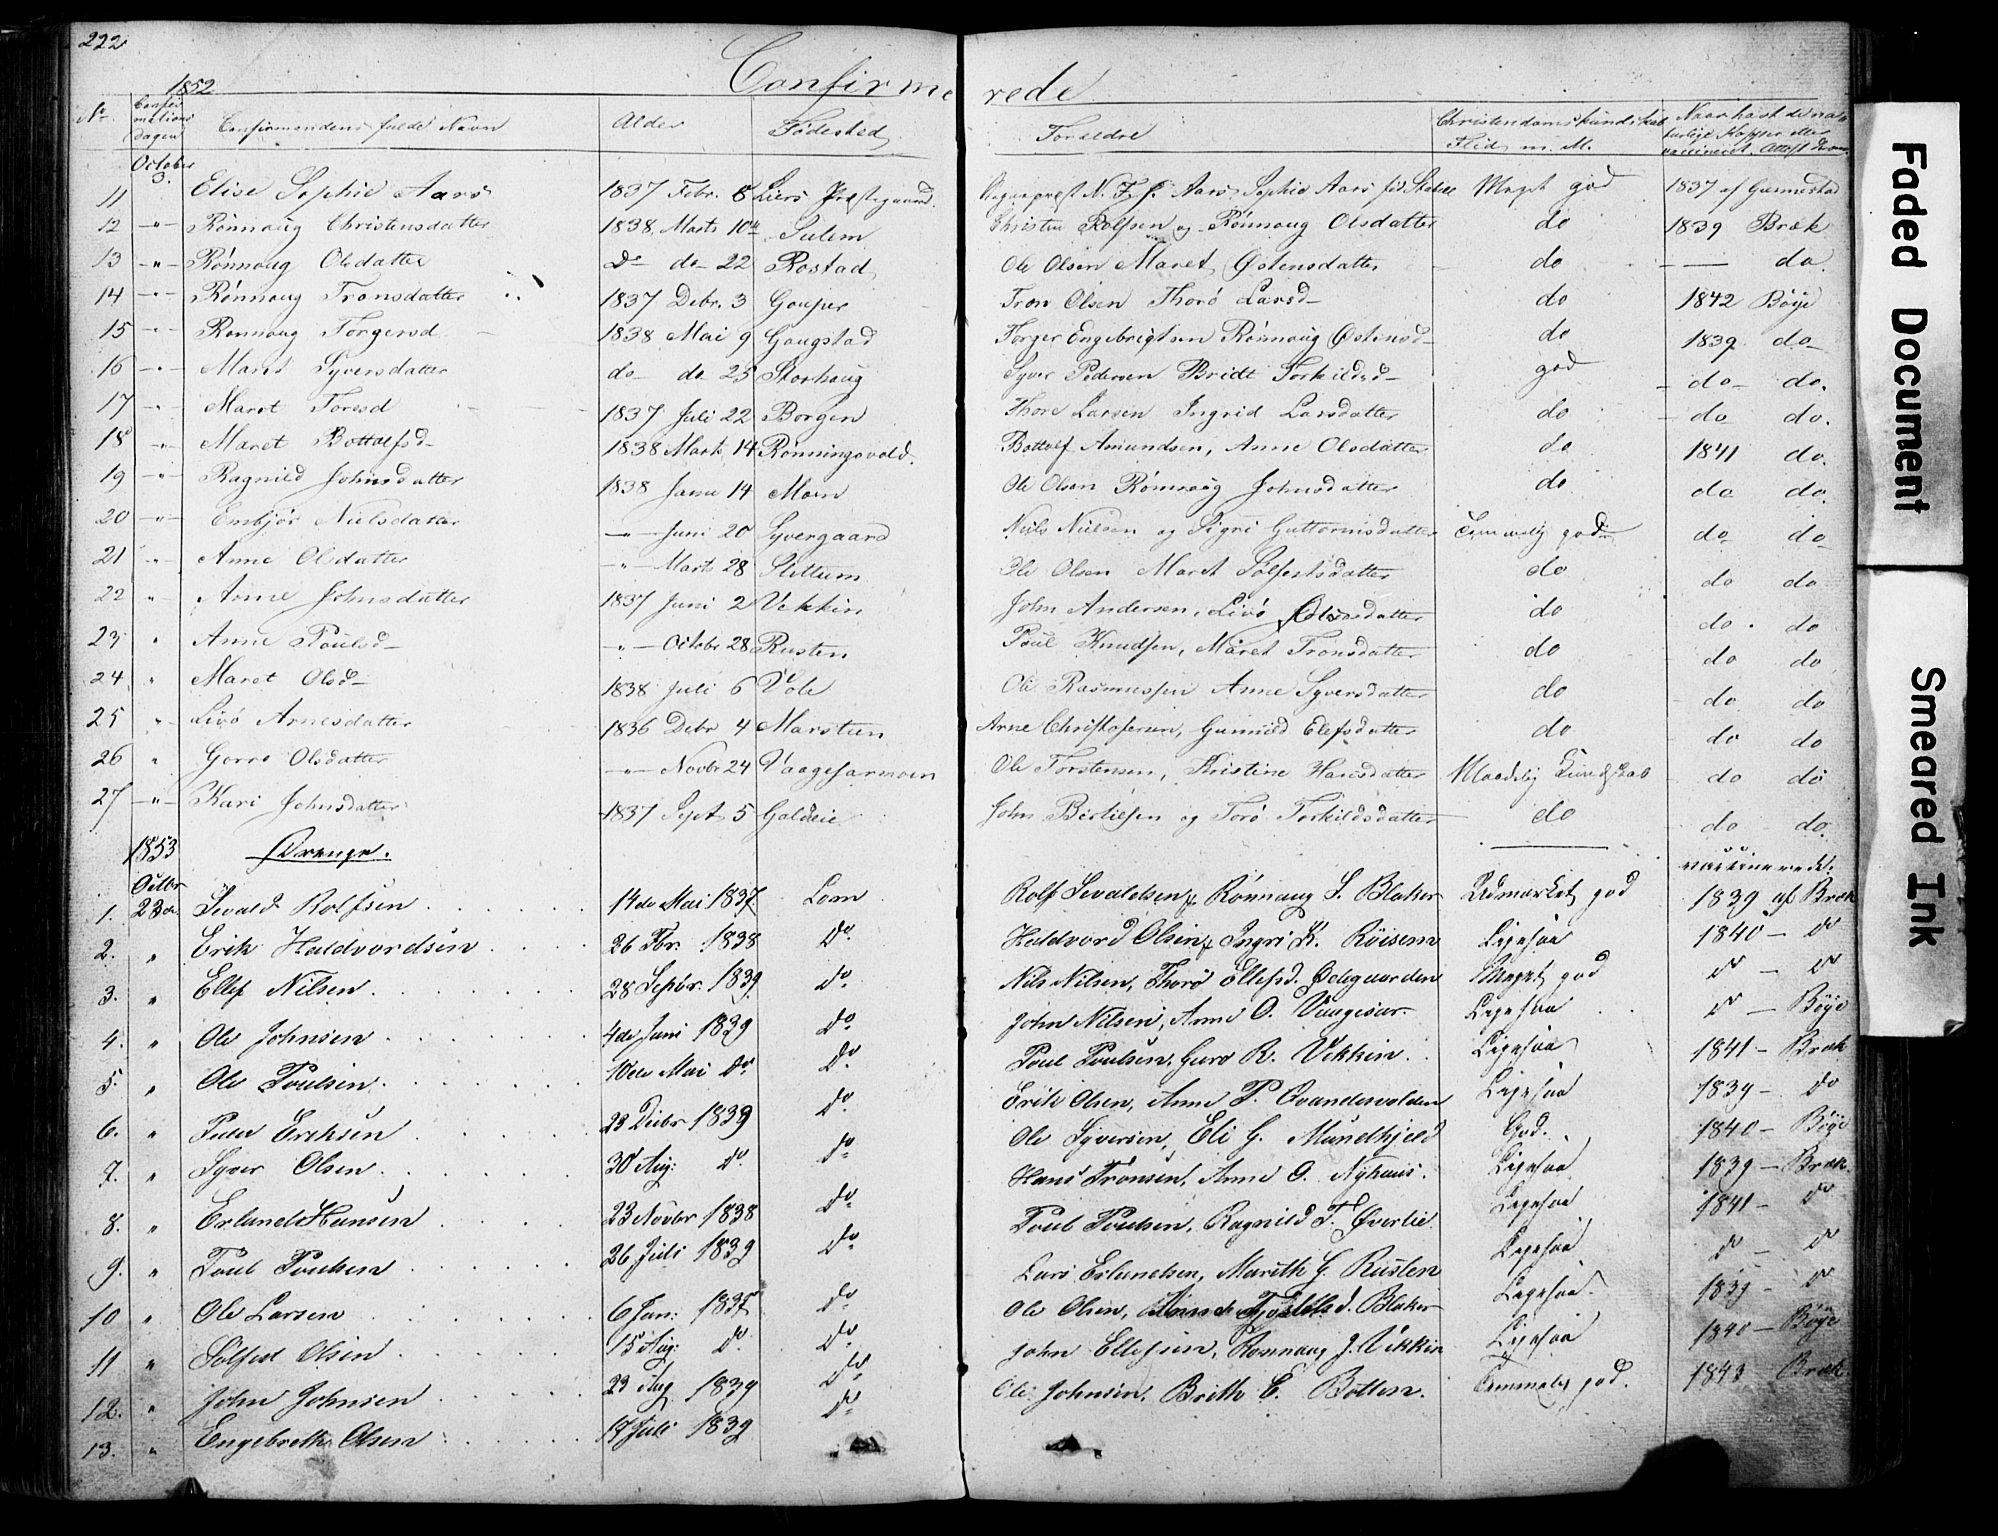 SAH, Lom prestekontor, L/L0012: Klokkerbok nr. 12, 1845-1873, s. 222-223